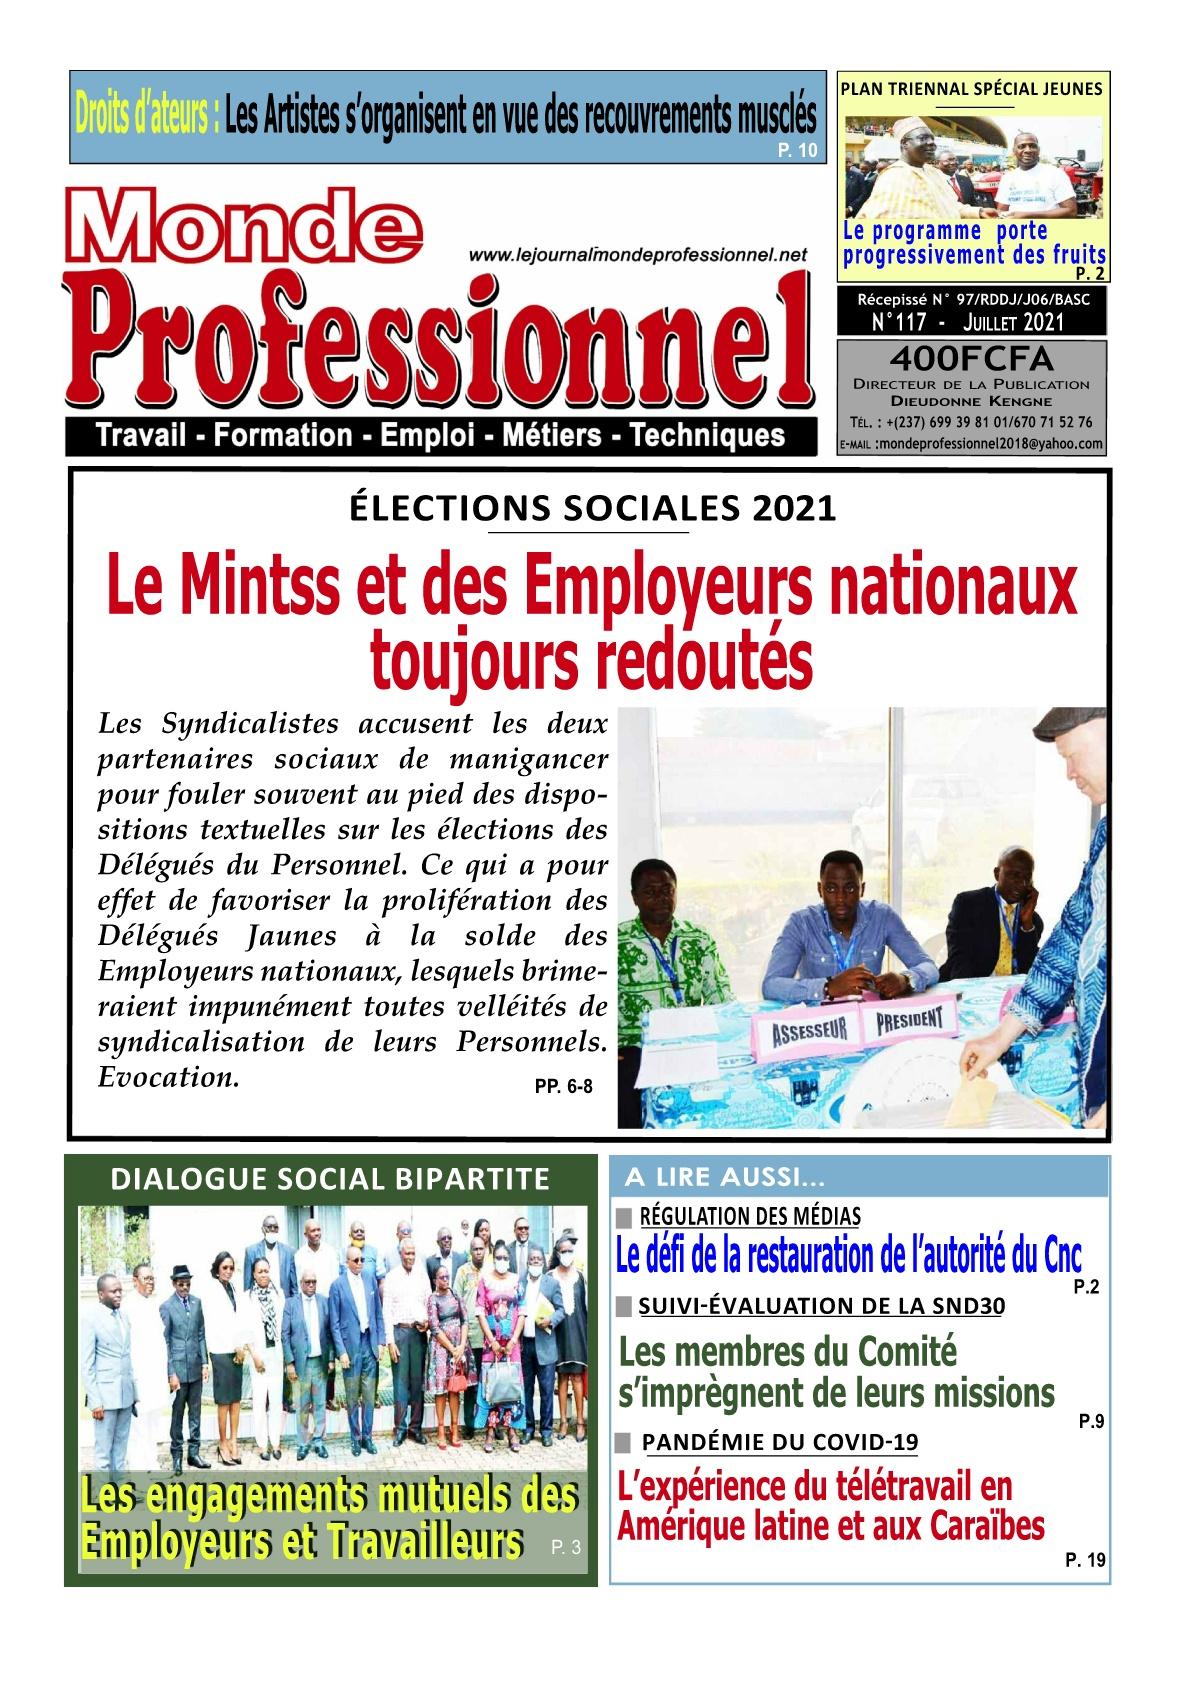 Monde Professionnel - 22/07/2021